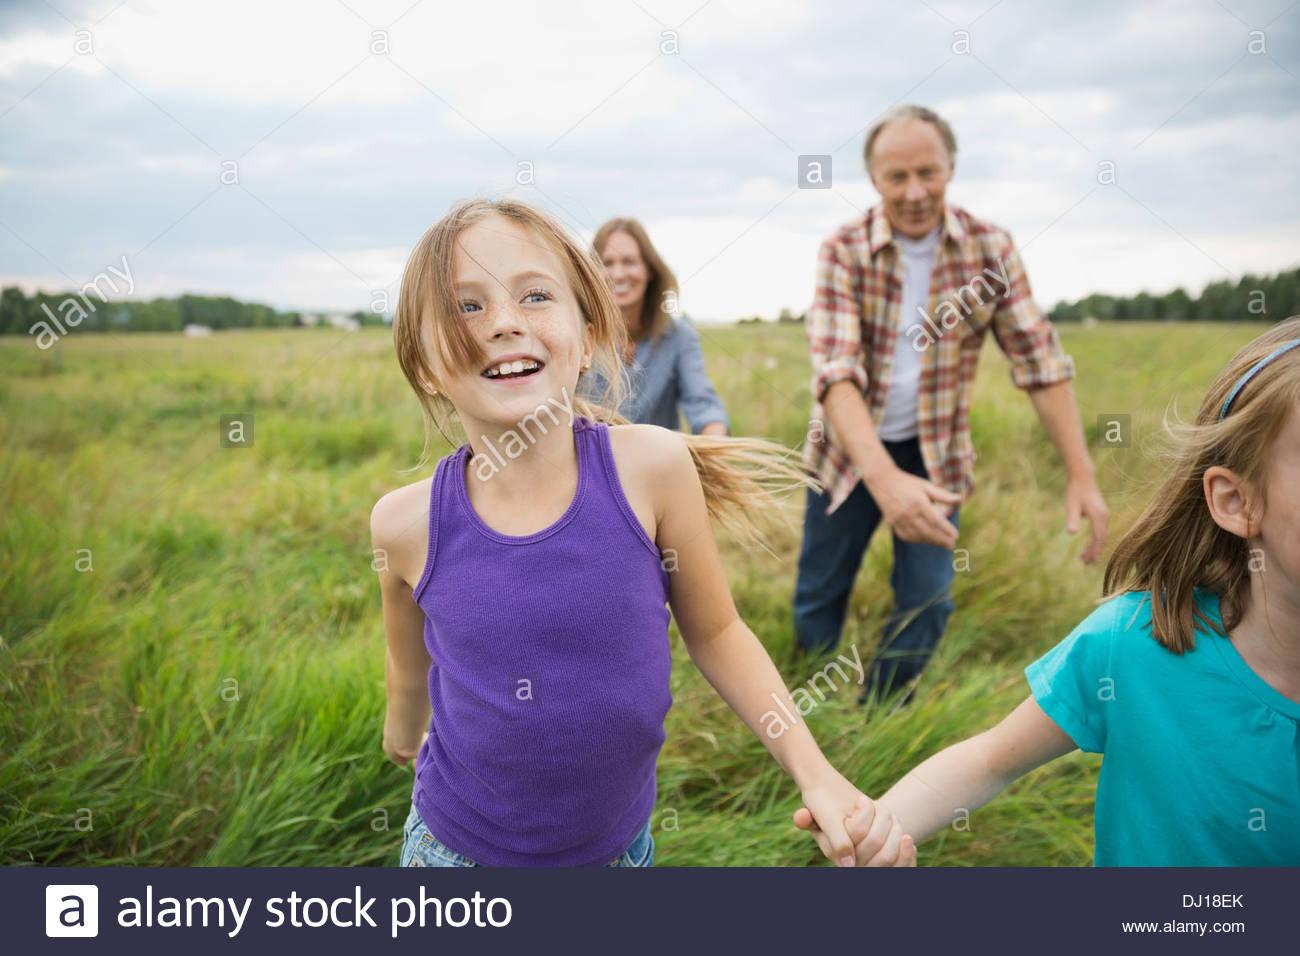 Los abuelos persiguiendo nietas en campo Imagen De Stock